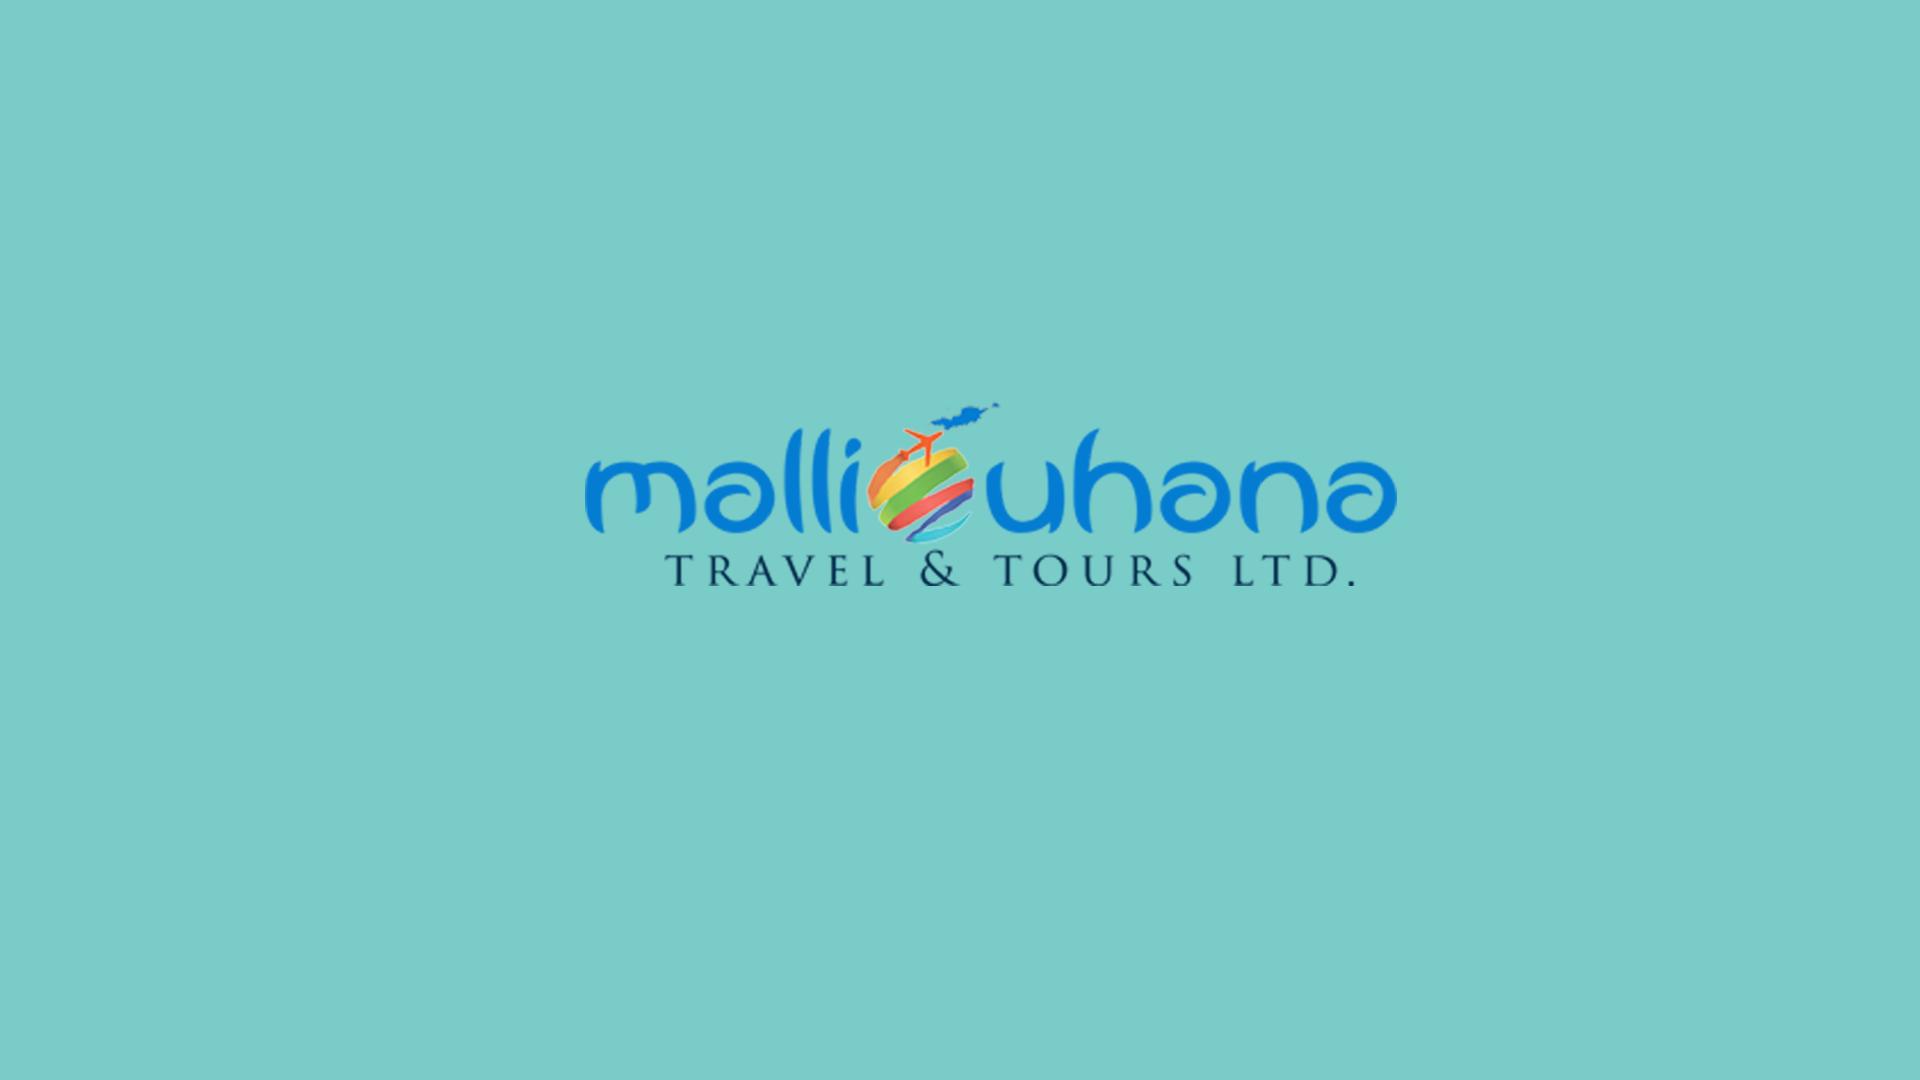 Malliohuna-Travel-Tours-Brochurepg1pt2